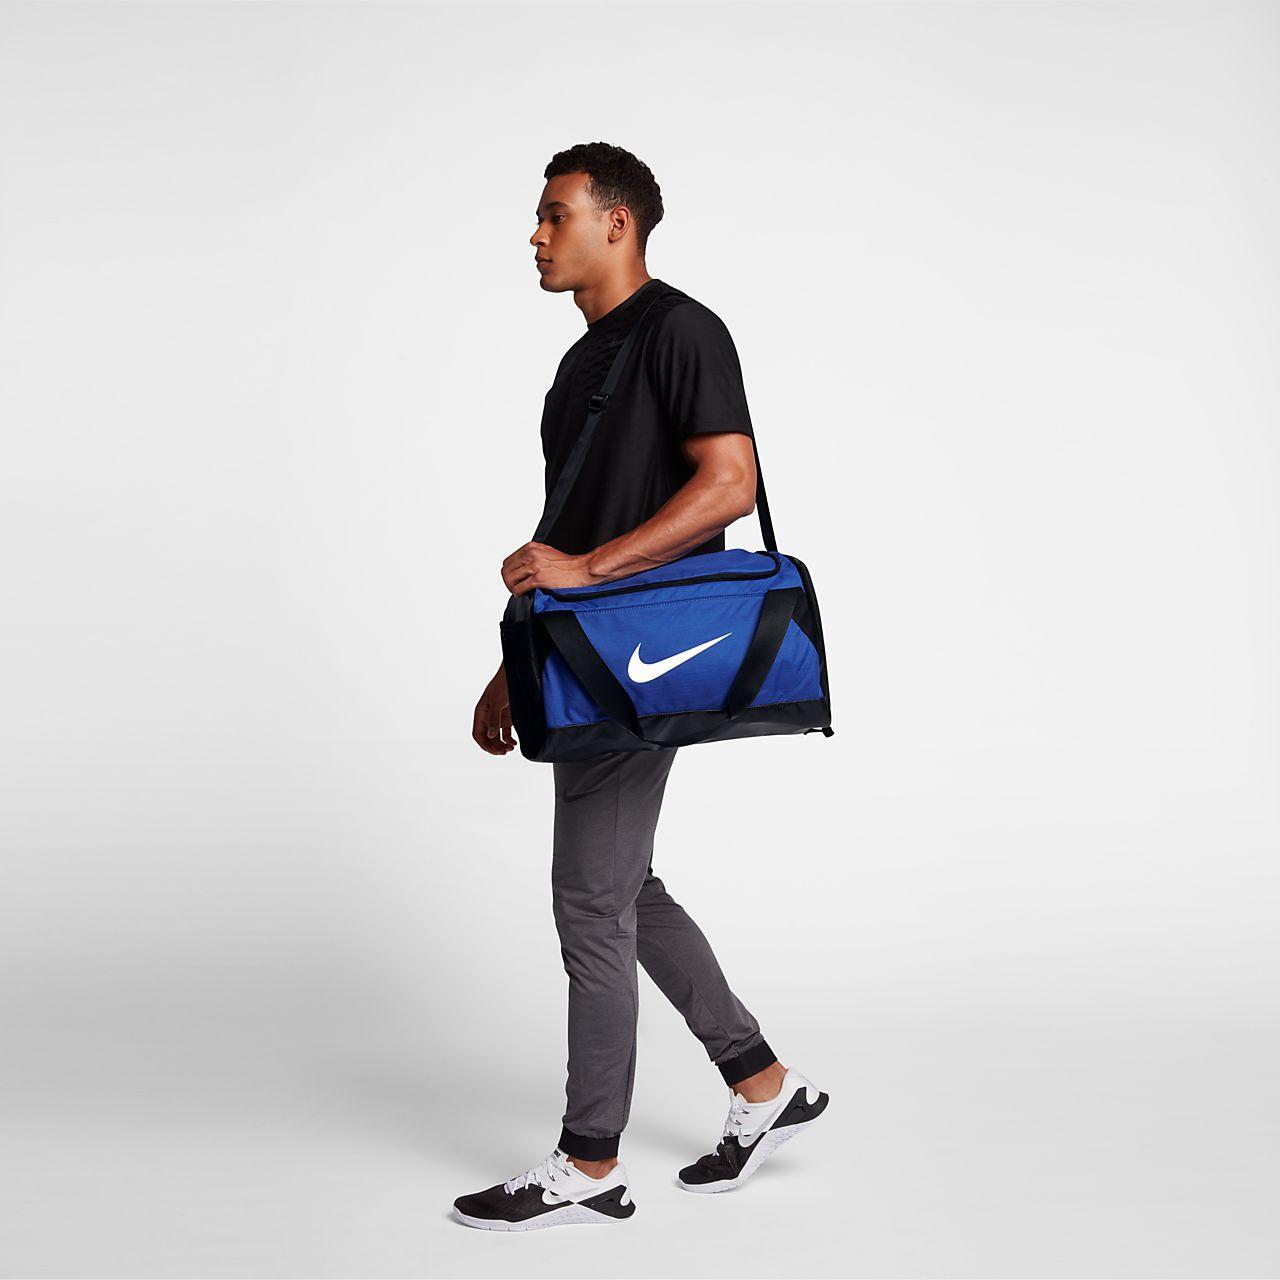 d20716059070c Torba treningowa Nike Brasilia (mała). Nike.com PL